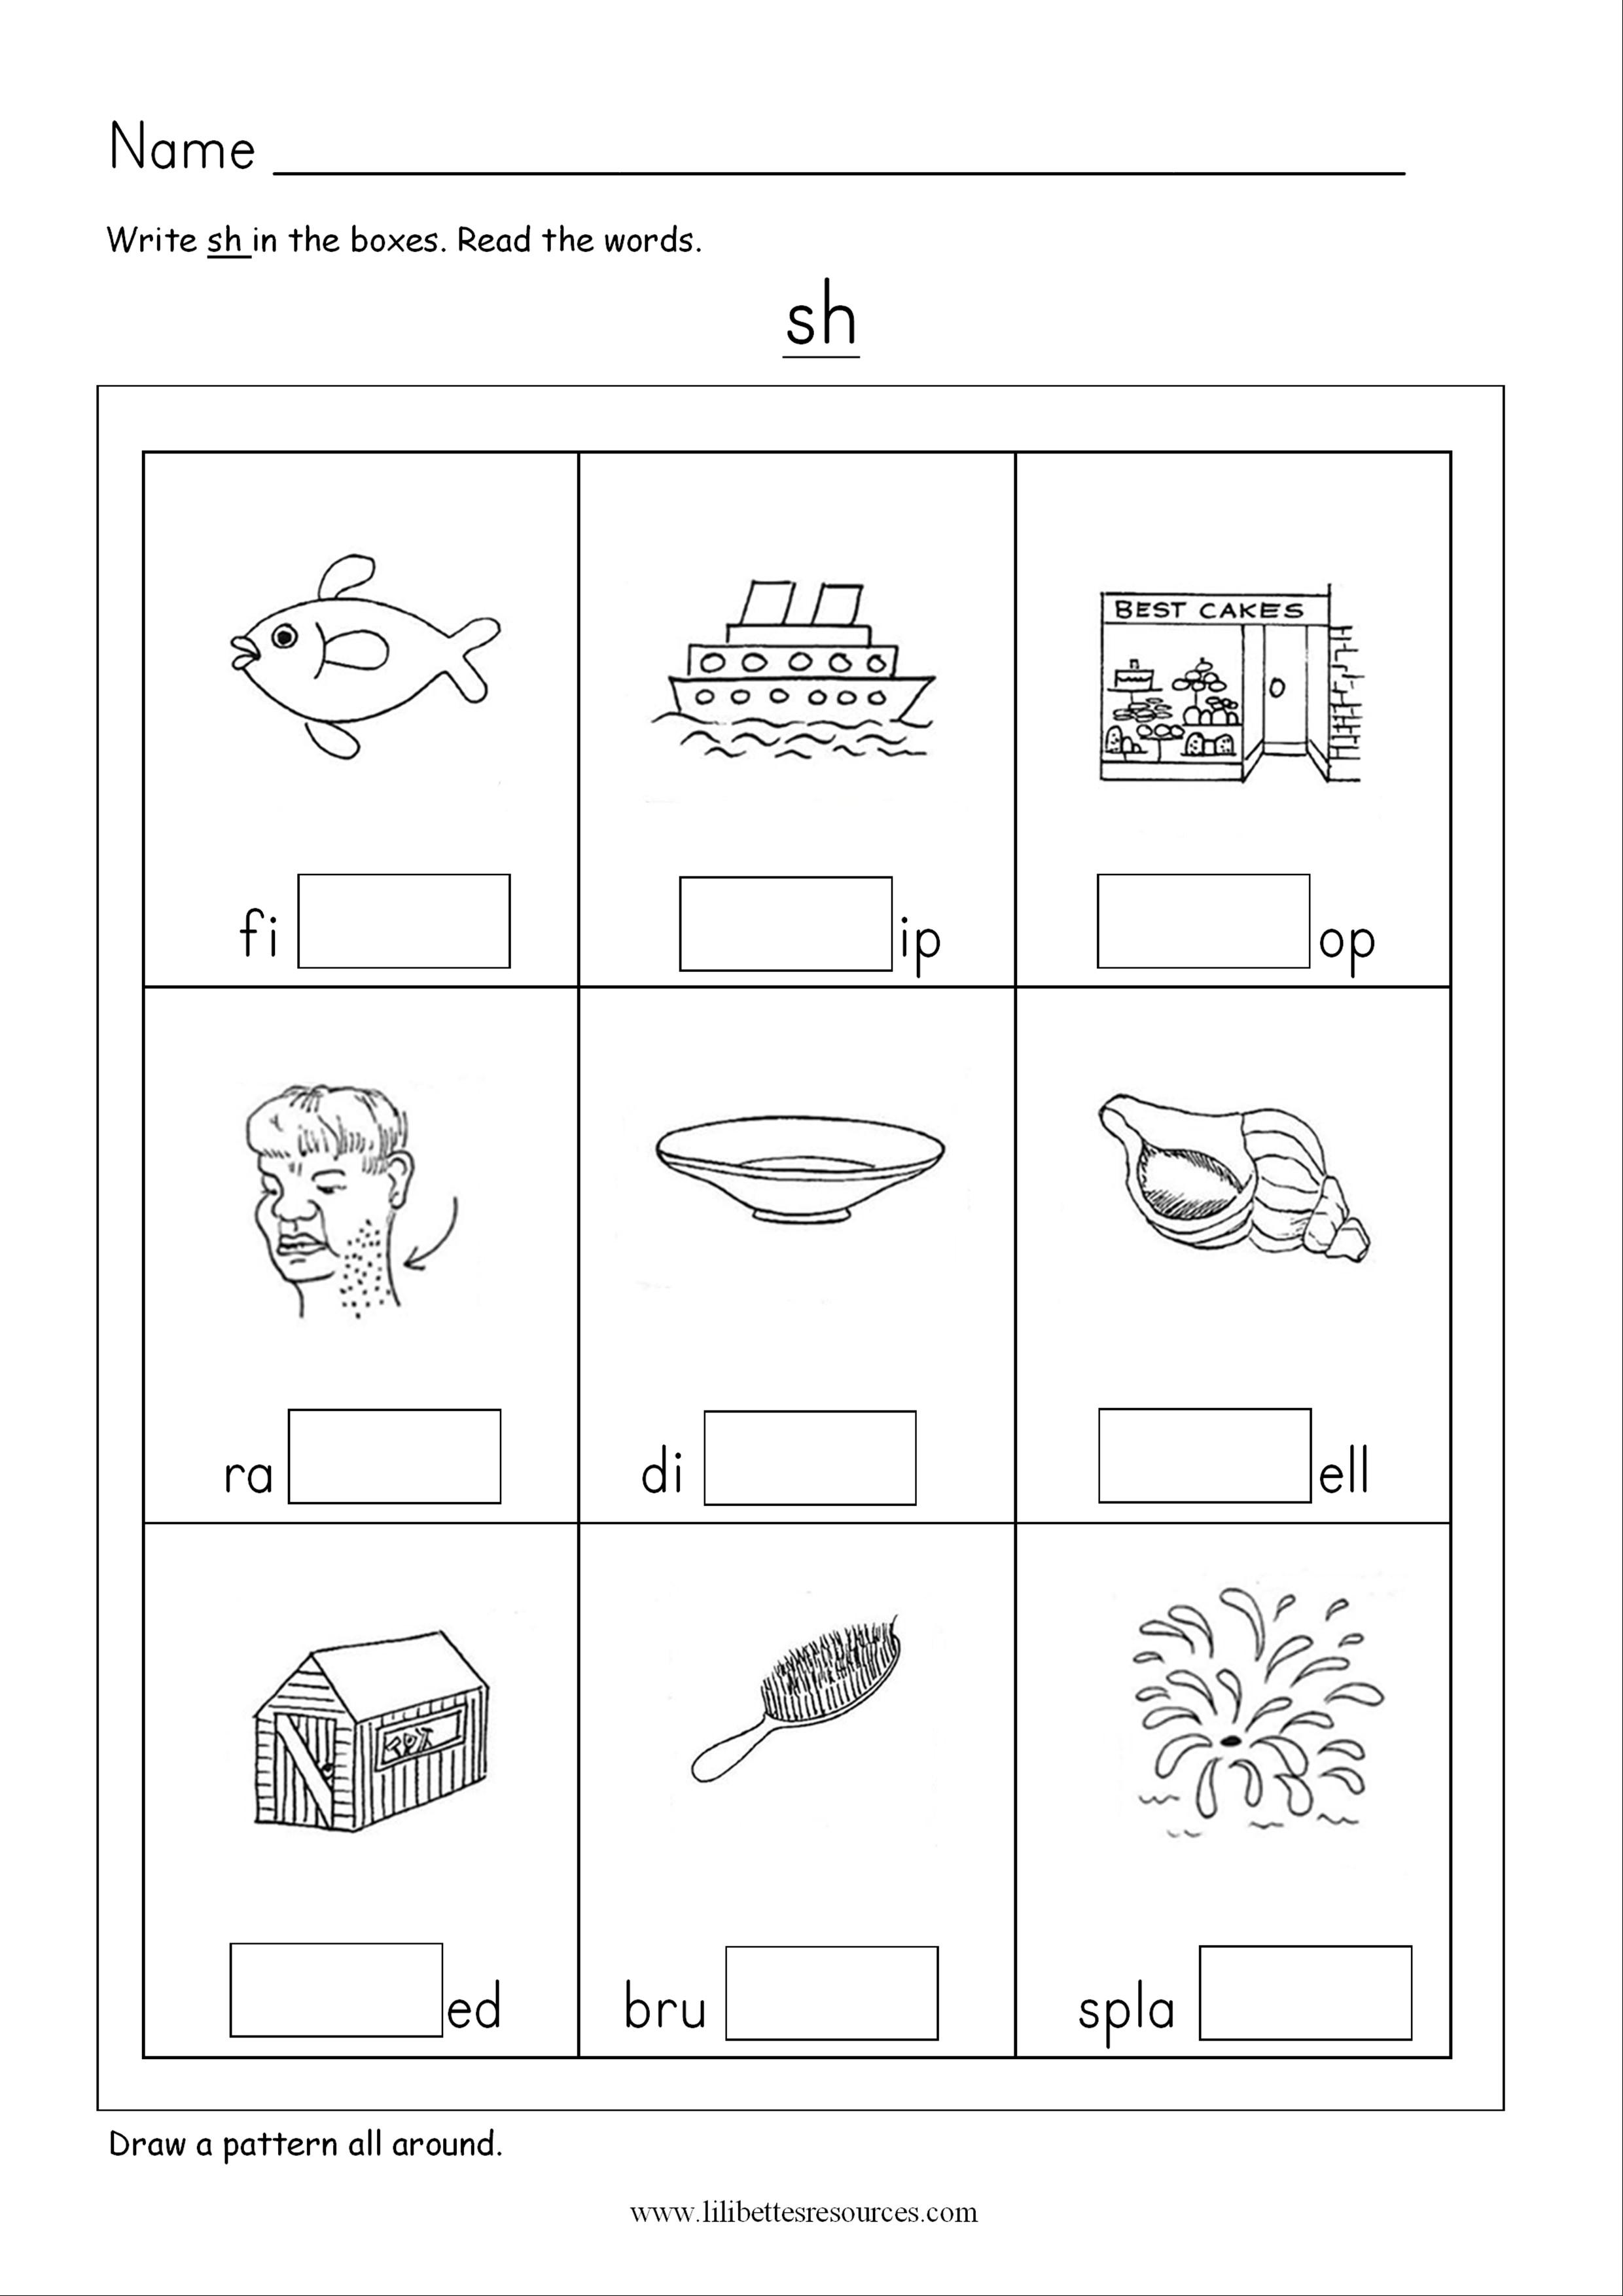 Sh Phonics Worksheets